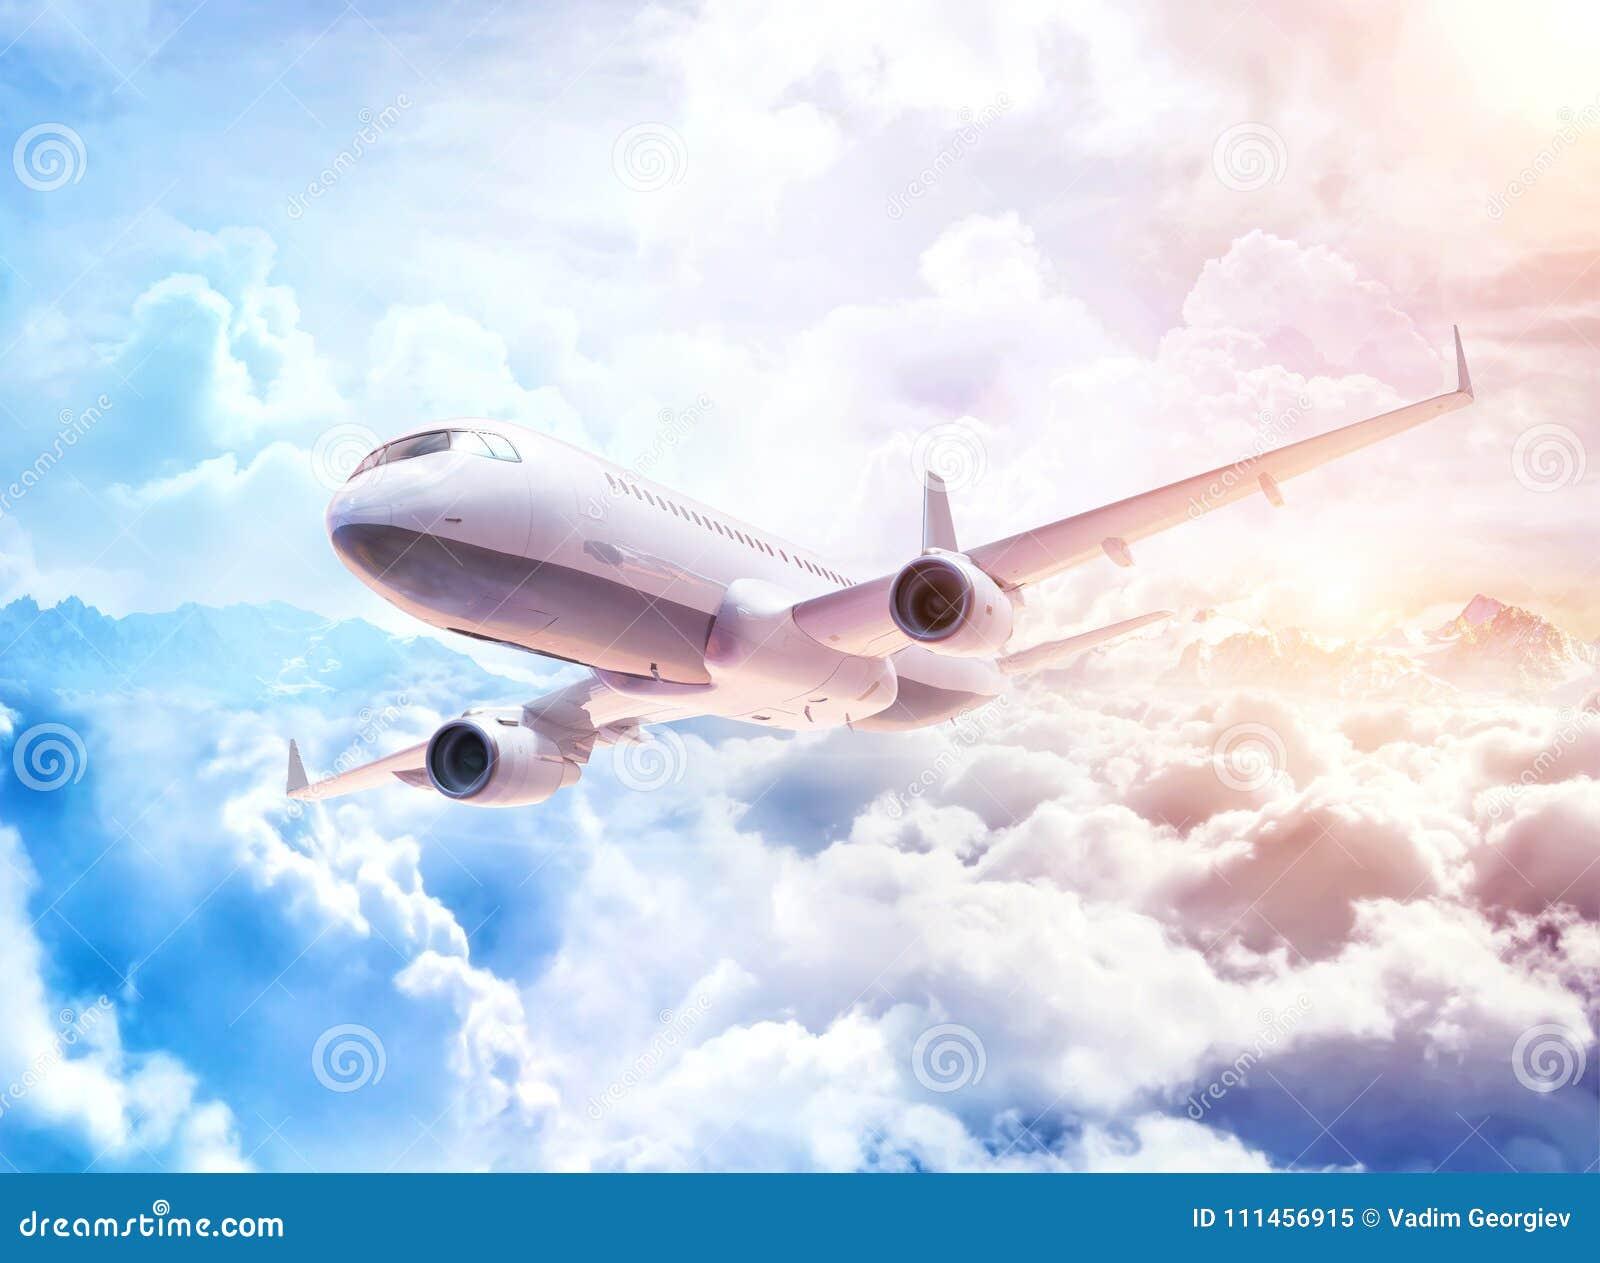 Avion commercial blanc volant au-dessus des nuages au fond fantastique avec des nuages et des crêtes de montagne